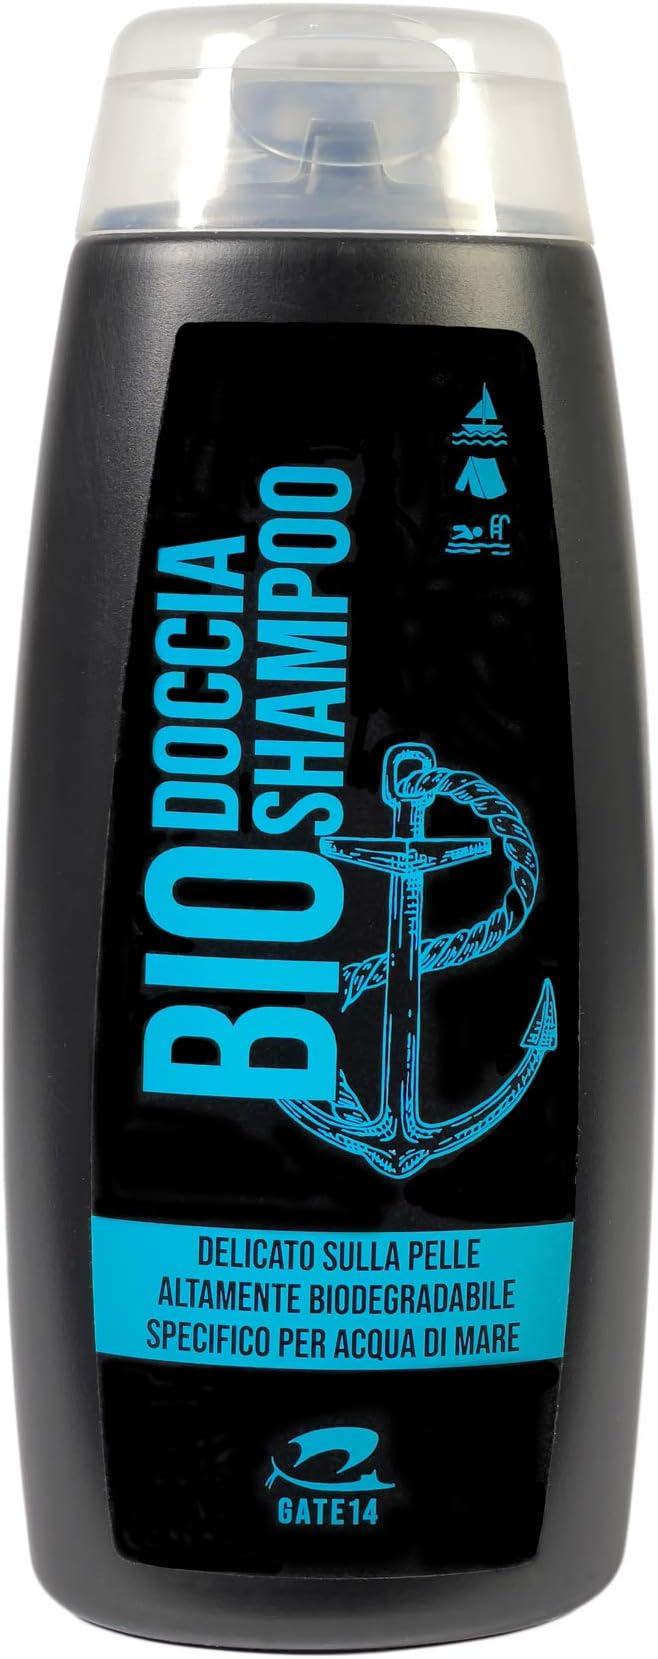 67 opinioni per GATE 14 Doccia Shampoo Bio Altamente Biodegradabile specifico per Acqua di Mare